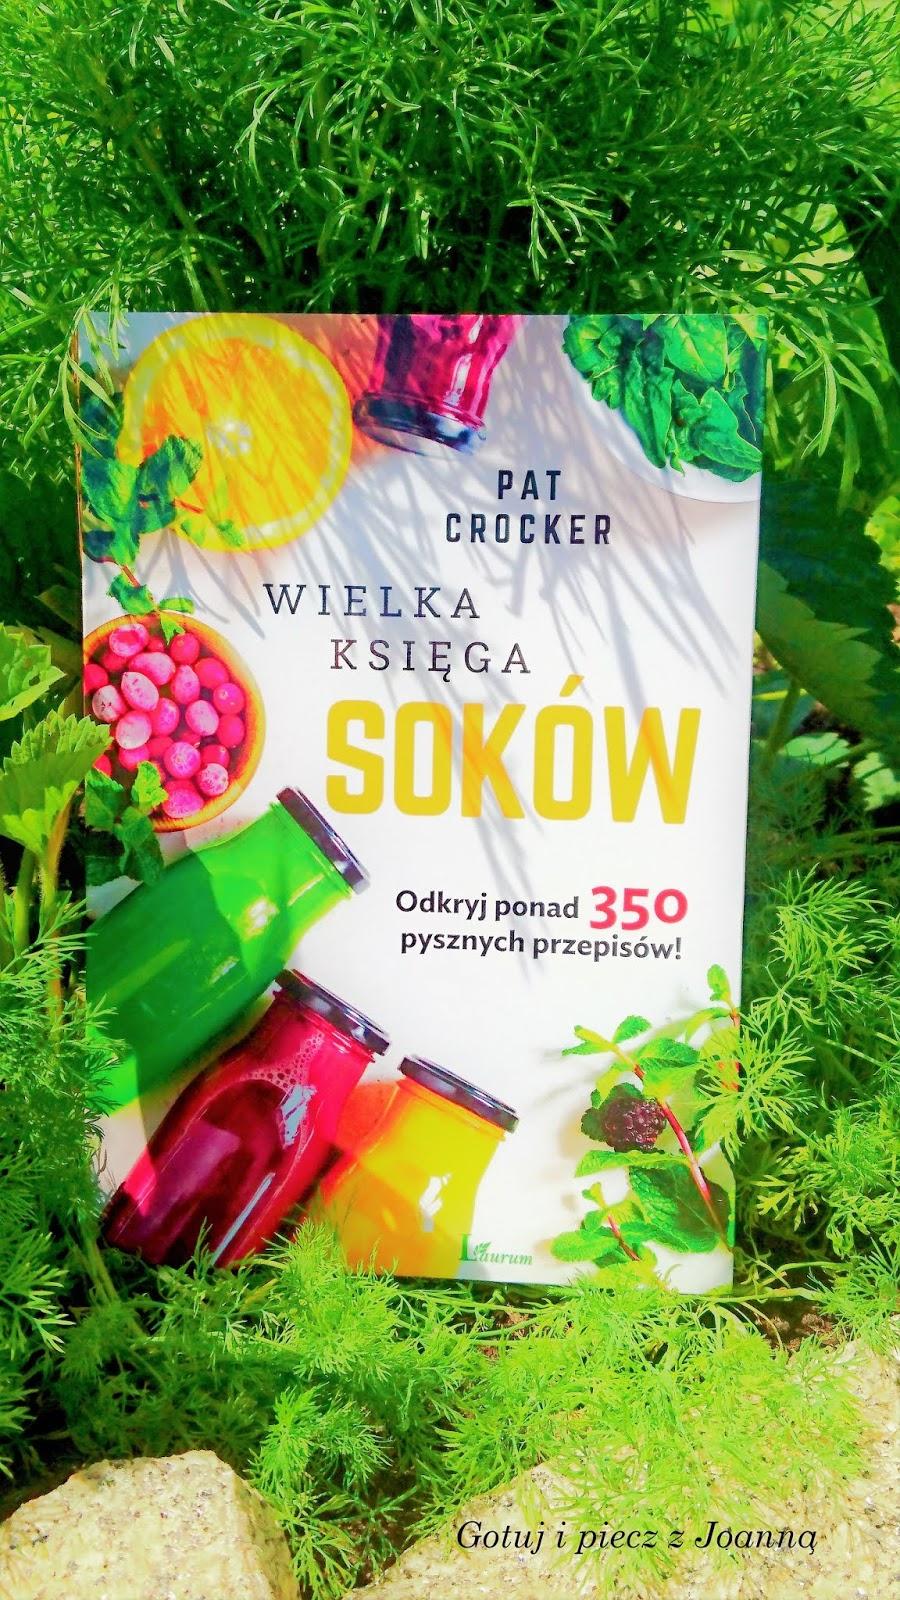 Wielka księga soków Pat Crocker 350 przepisów na soki i koktajle